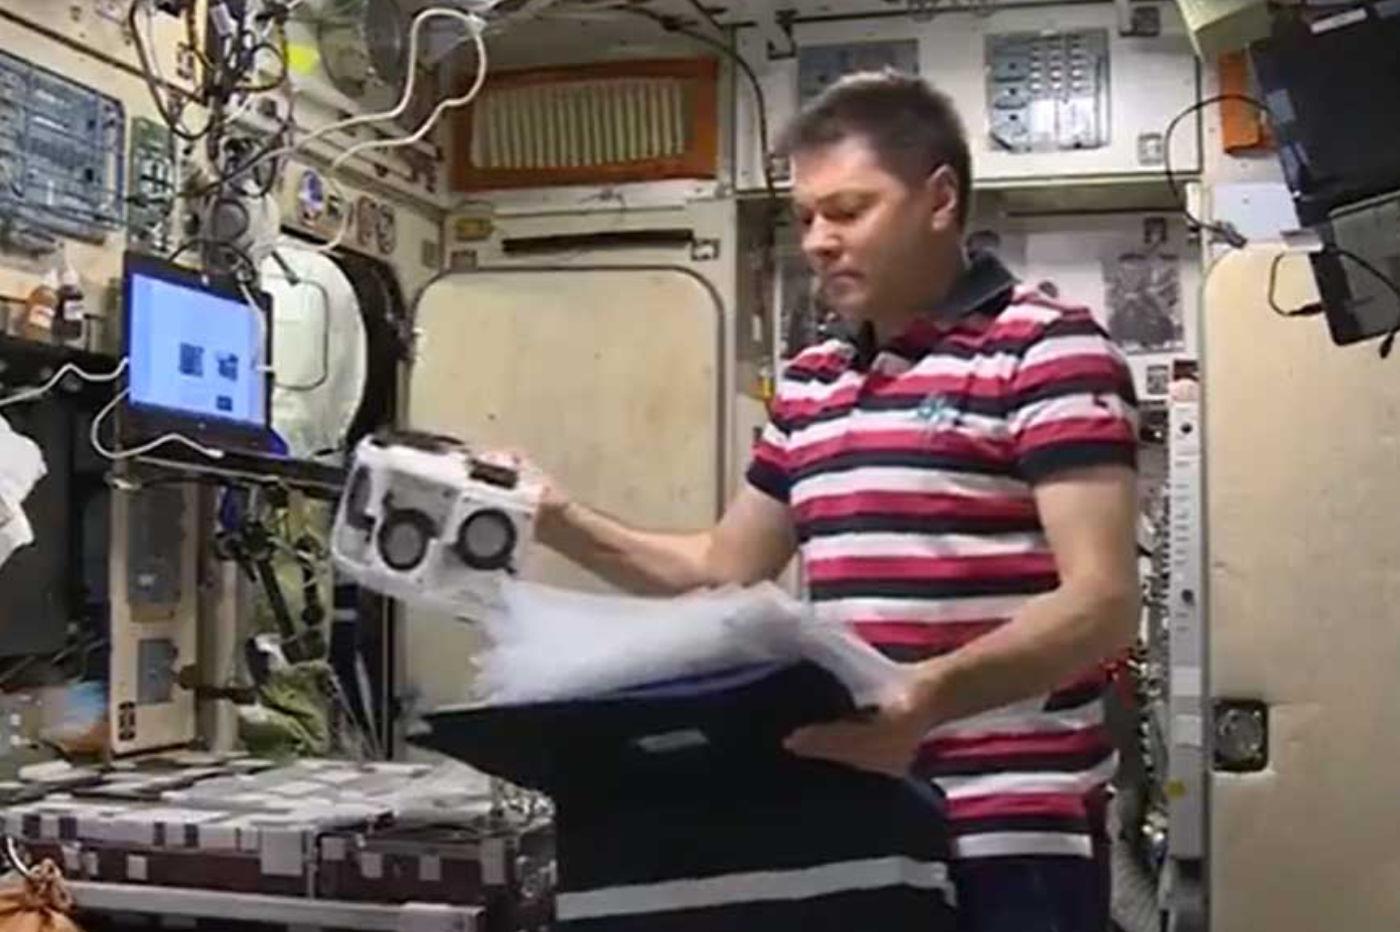 Des tissus humains imprimés depuis l'ISS